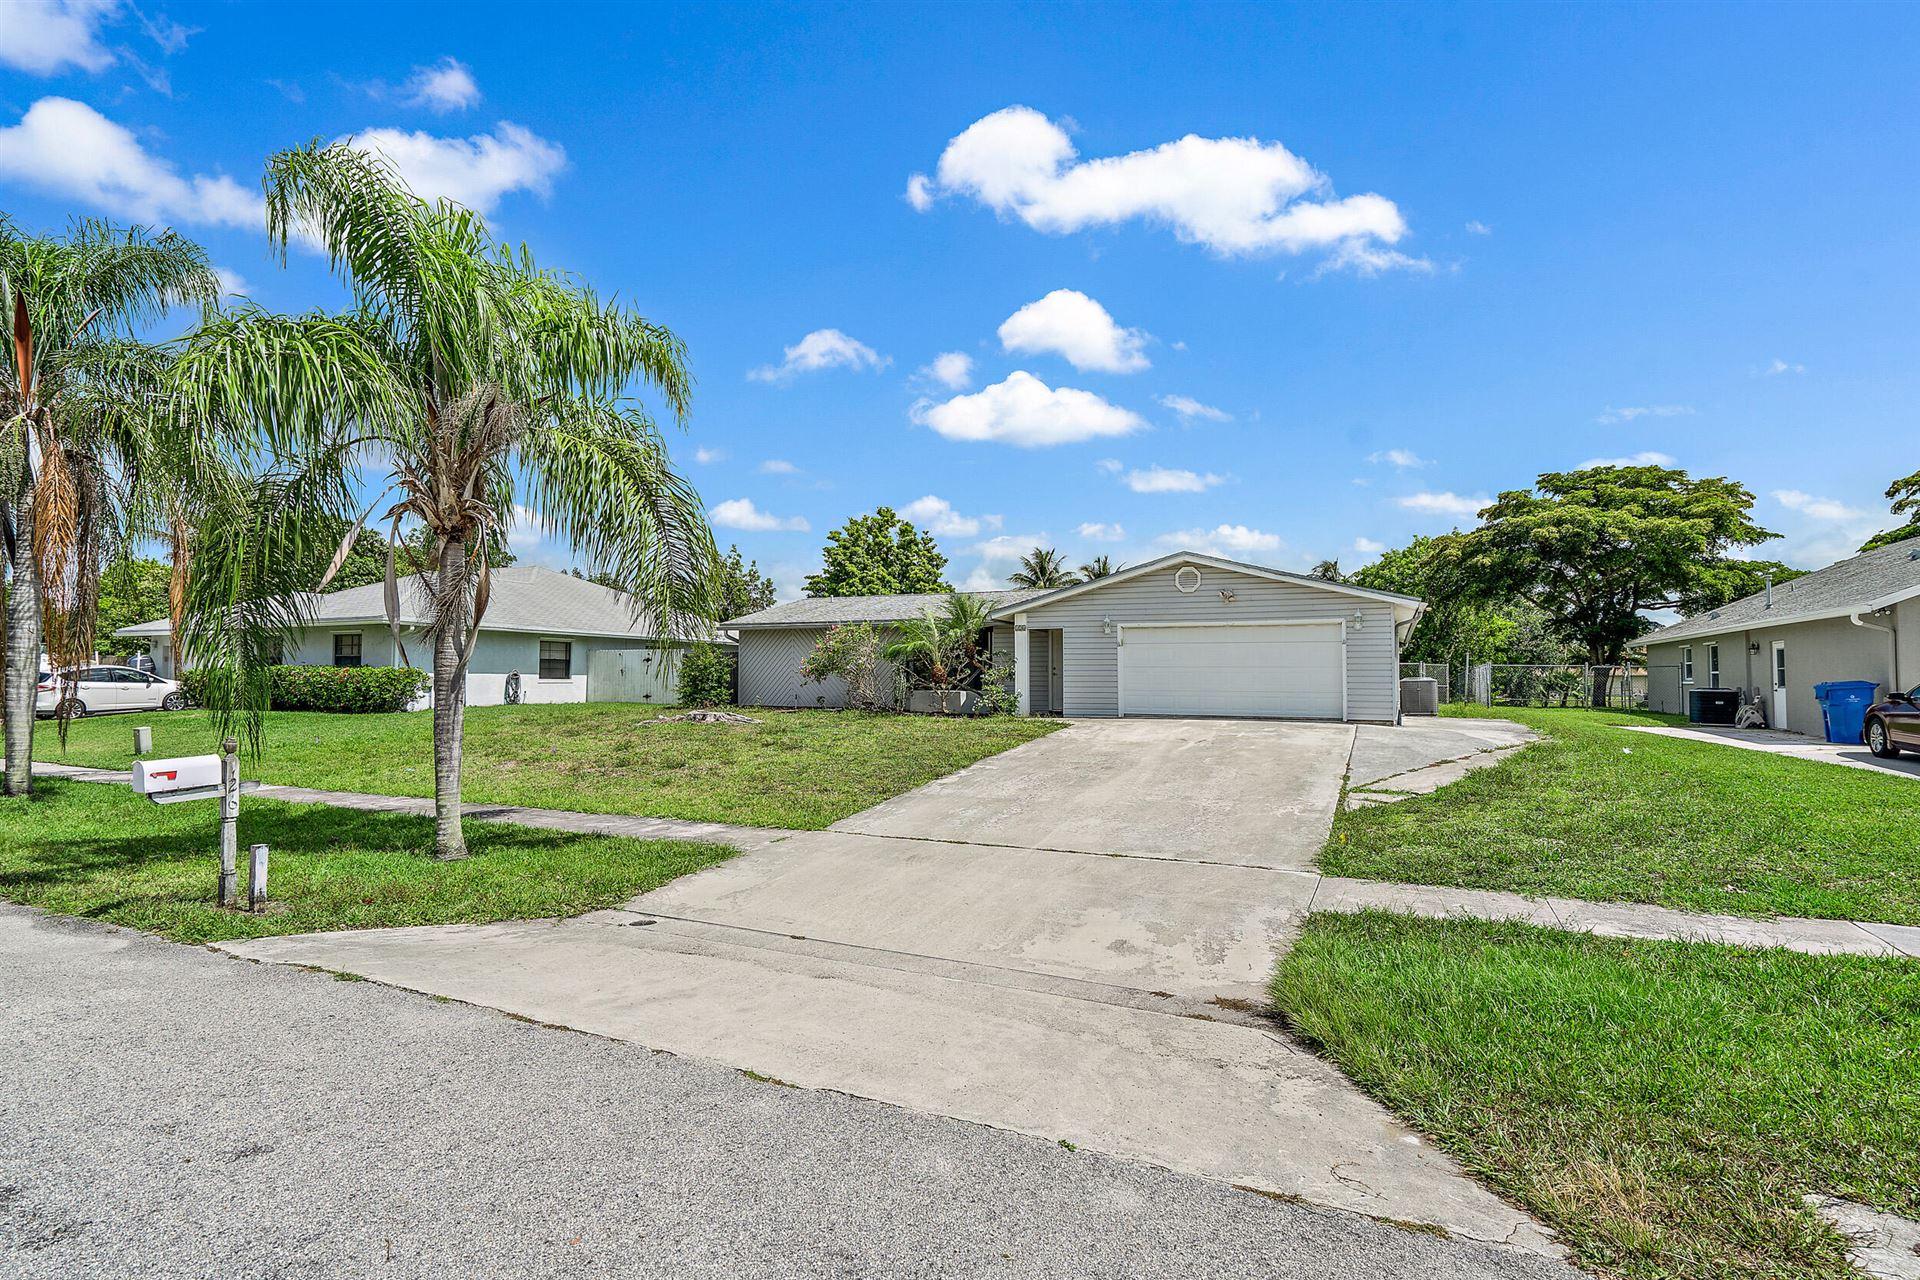 126 Valencia Street, Royal Palm Beach, FL 33411 - #: RX-10720415